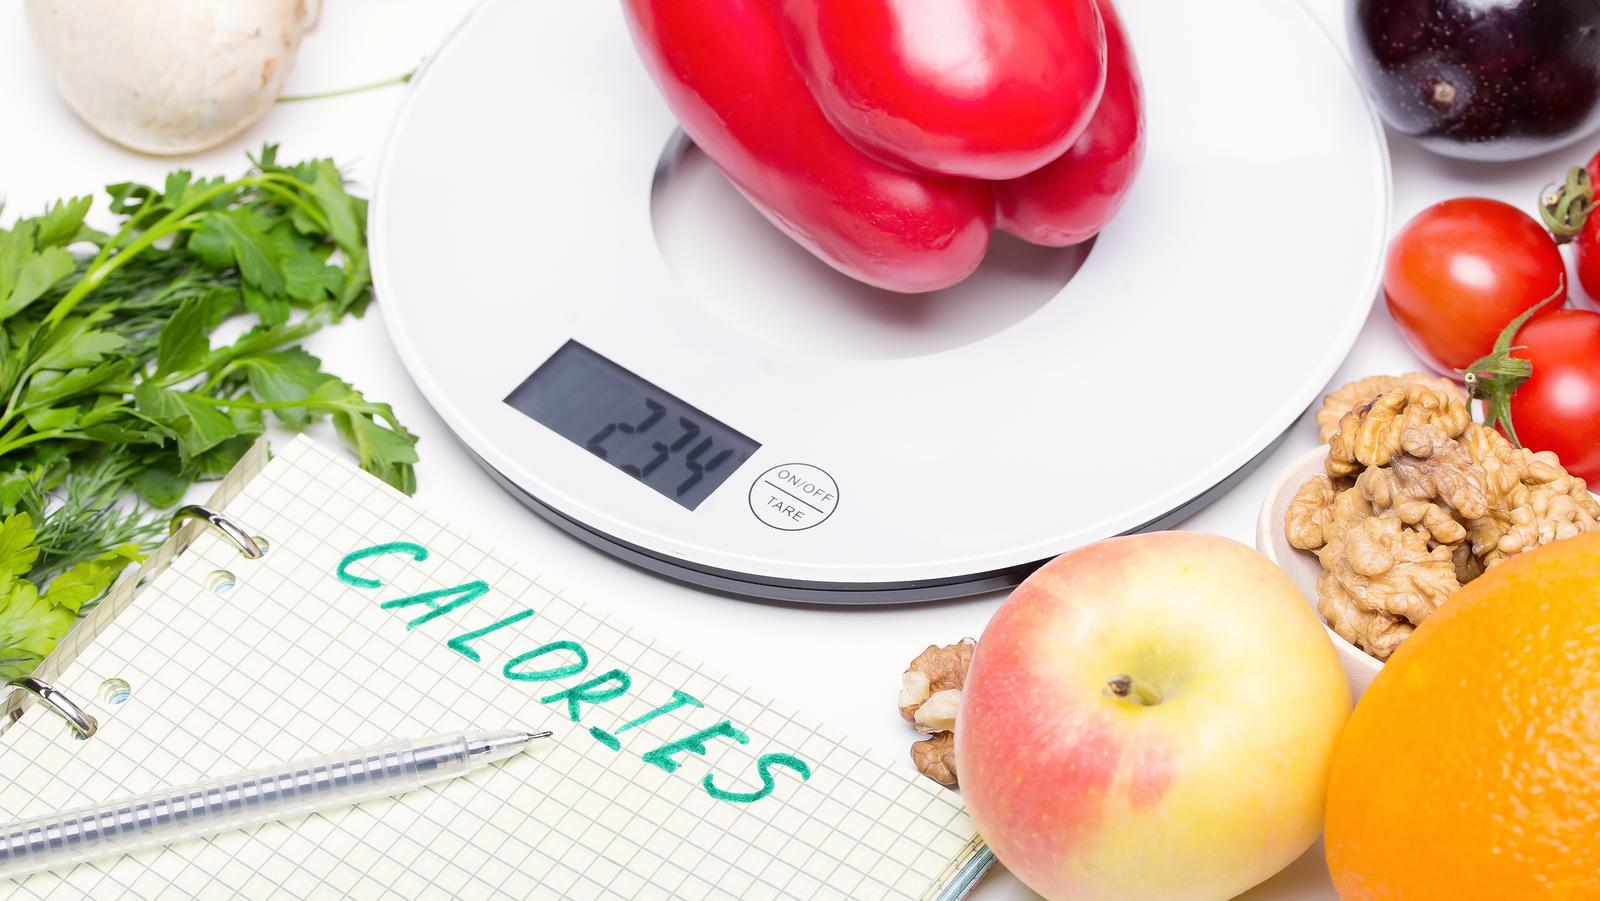 diéta magas vérnyomás és elhízás esetén)